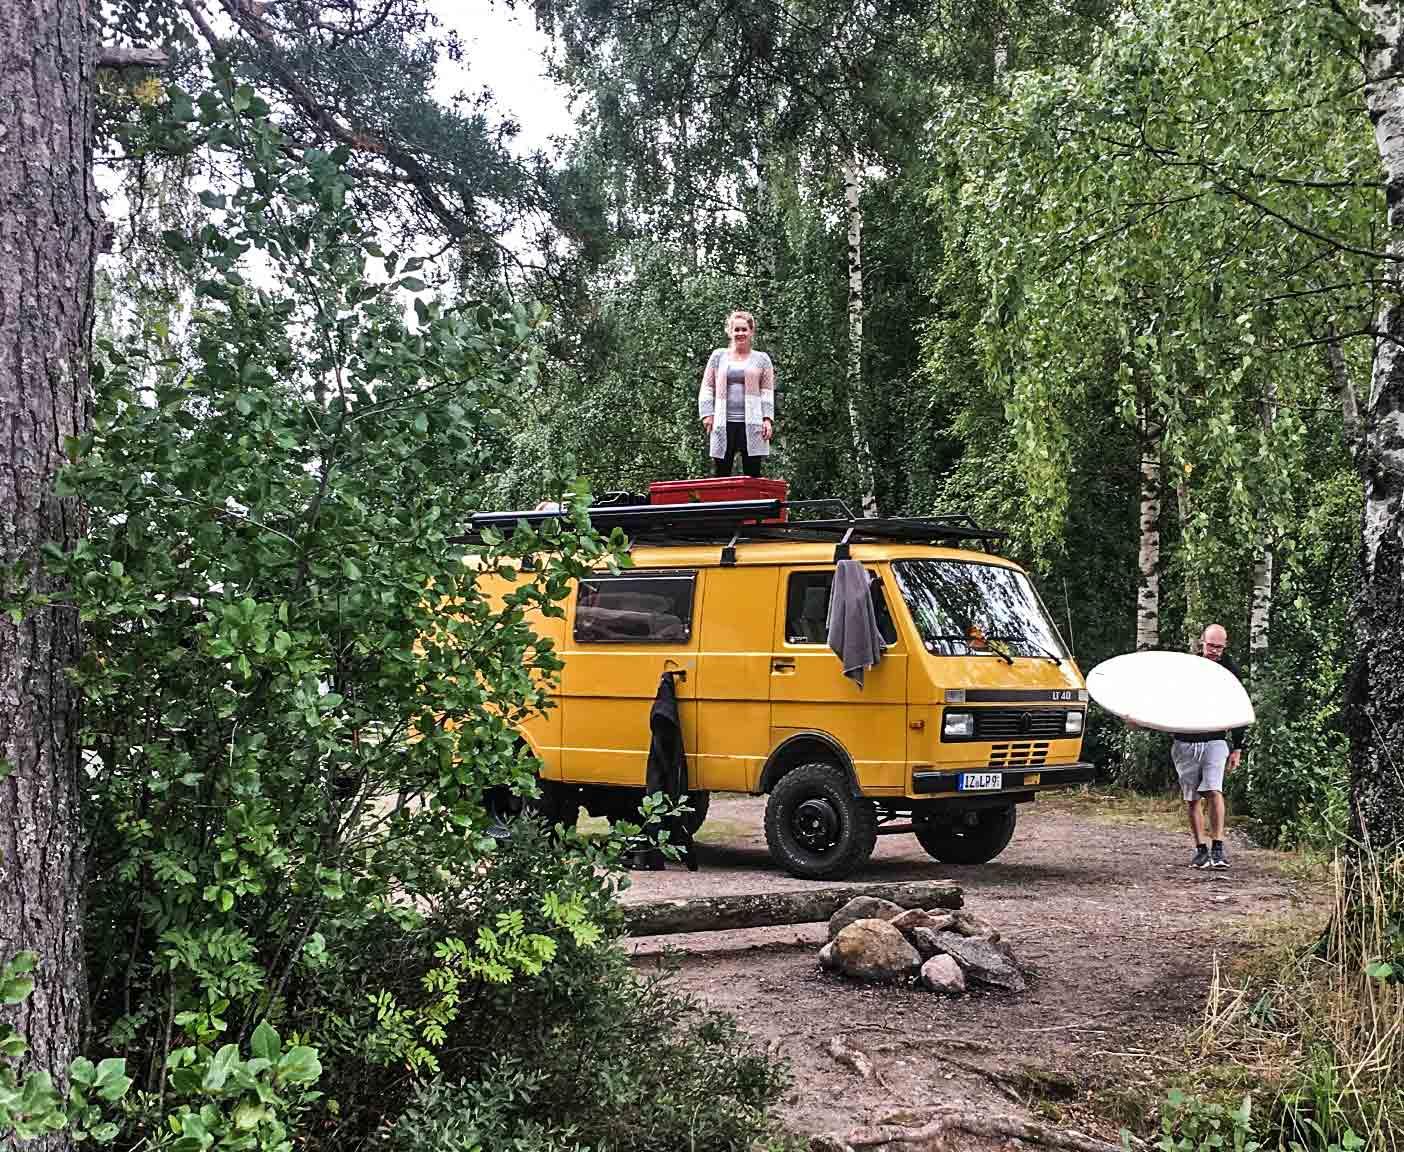 vw-lt-40-allrad-4x4-camper-wohnmobil-gebraucht-kaufen-4